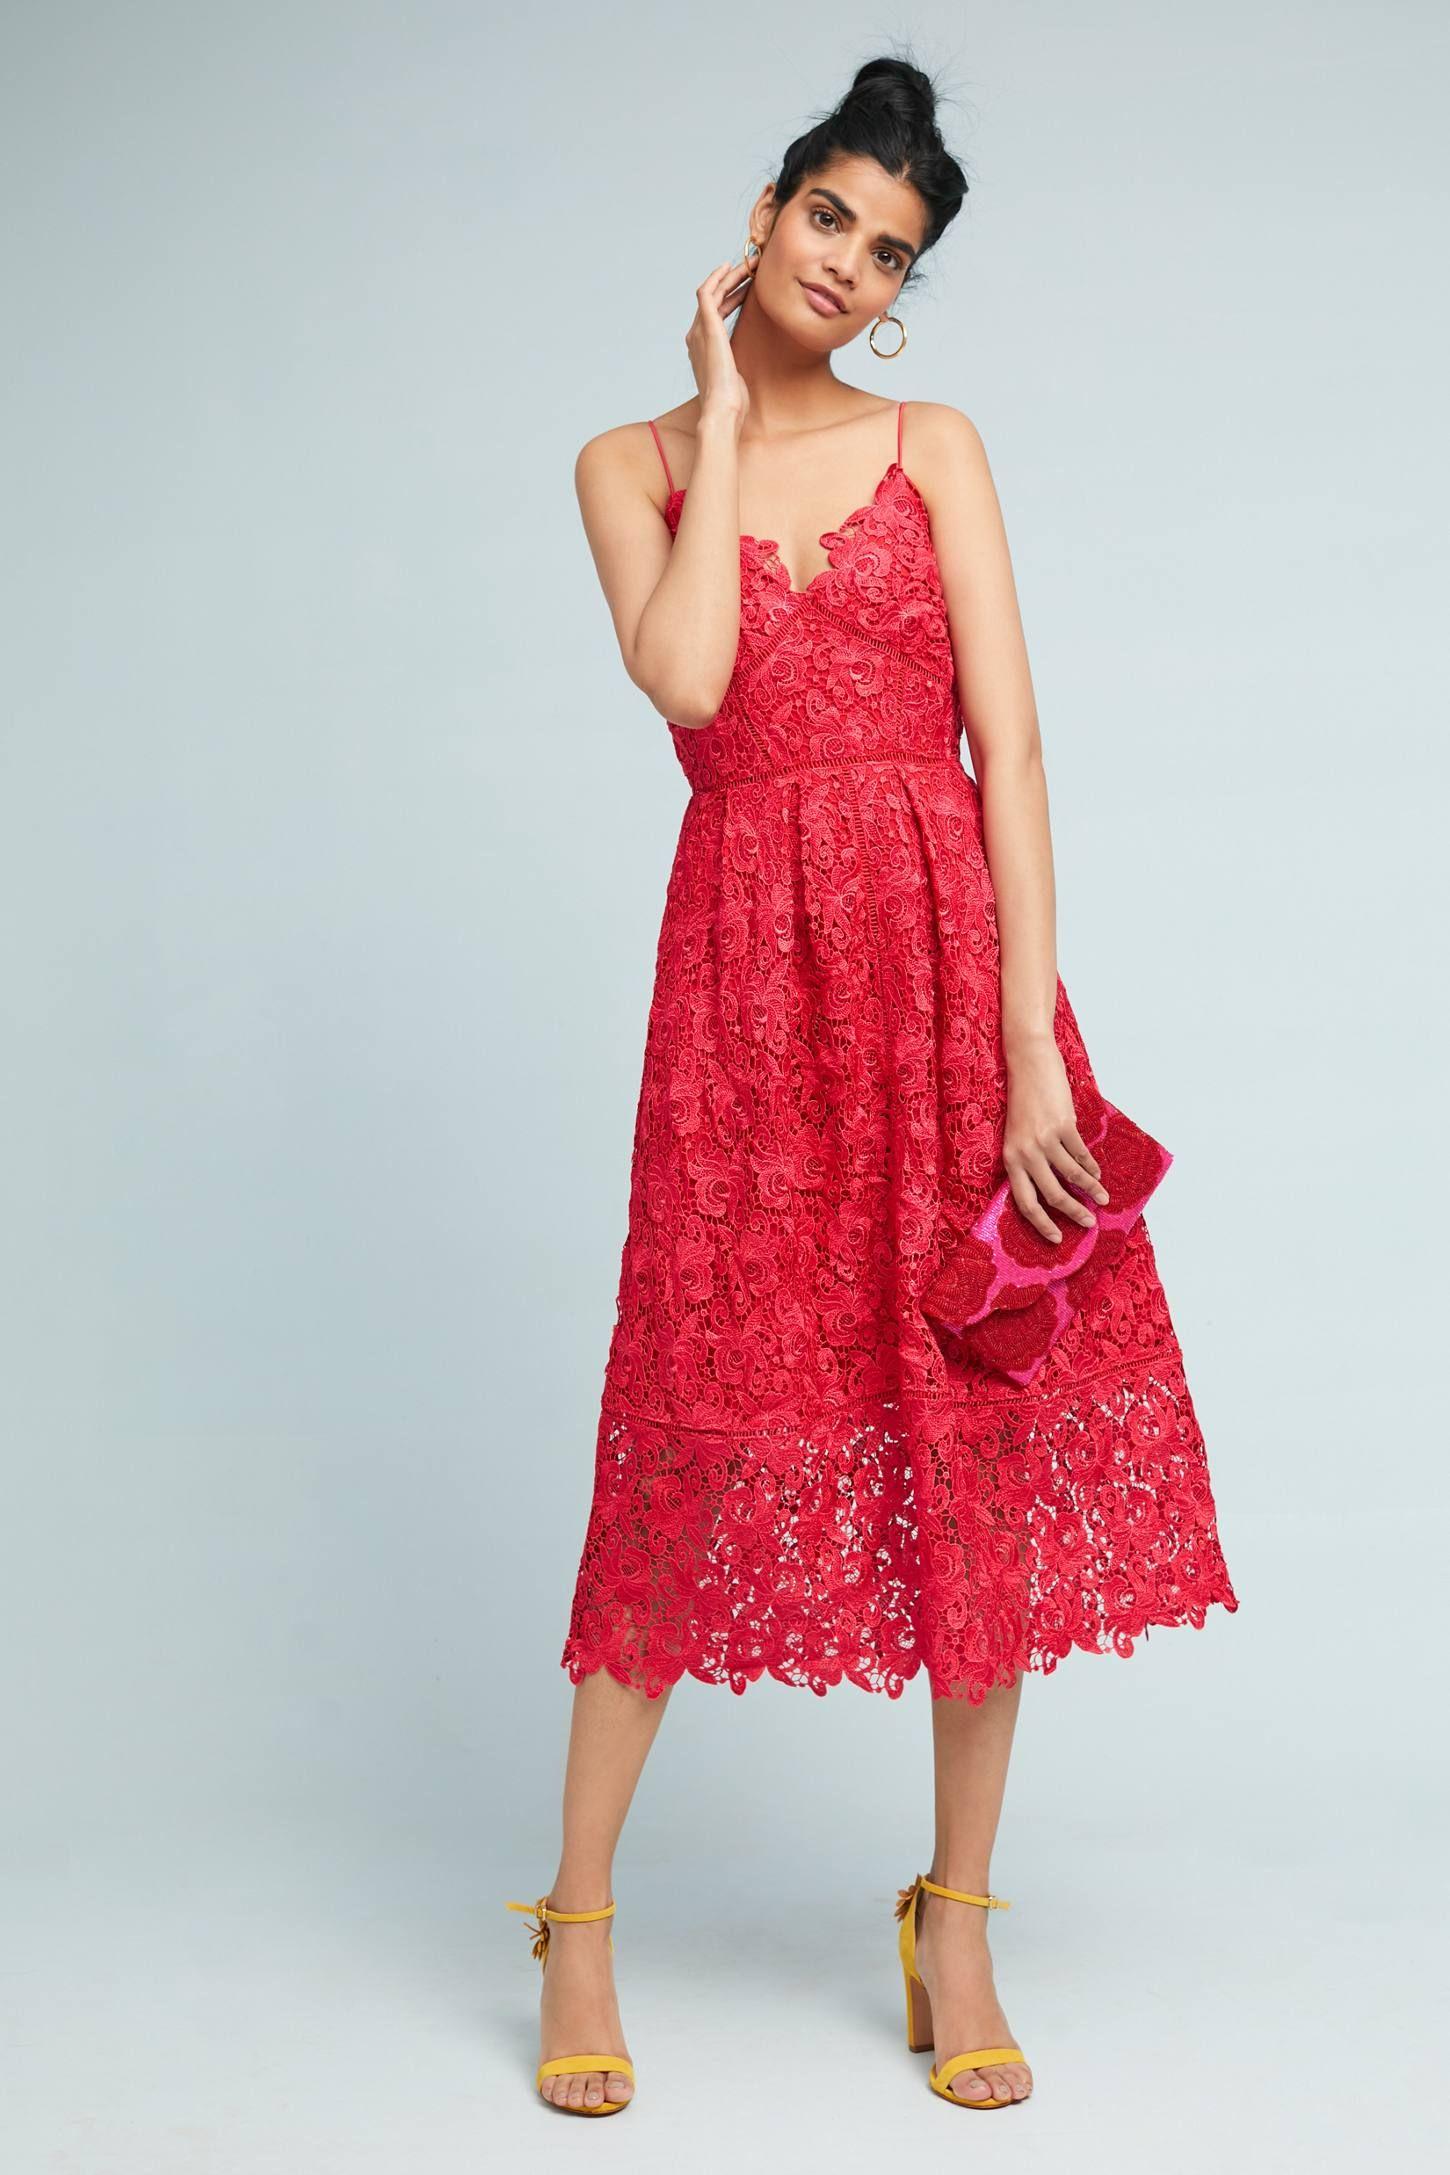 ac1a84430b3 Sherbert Lace Midi Dress